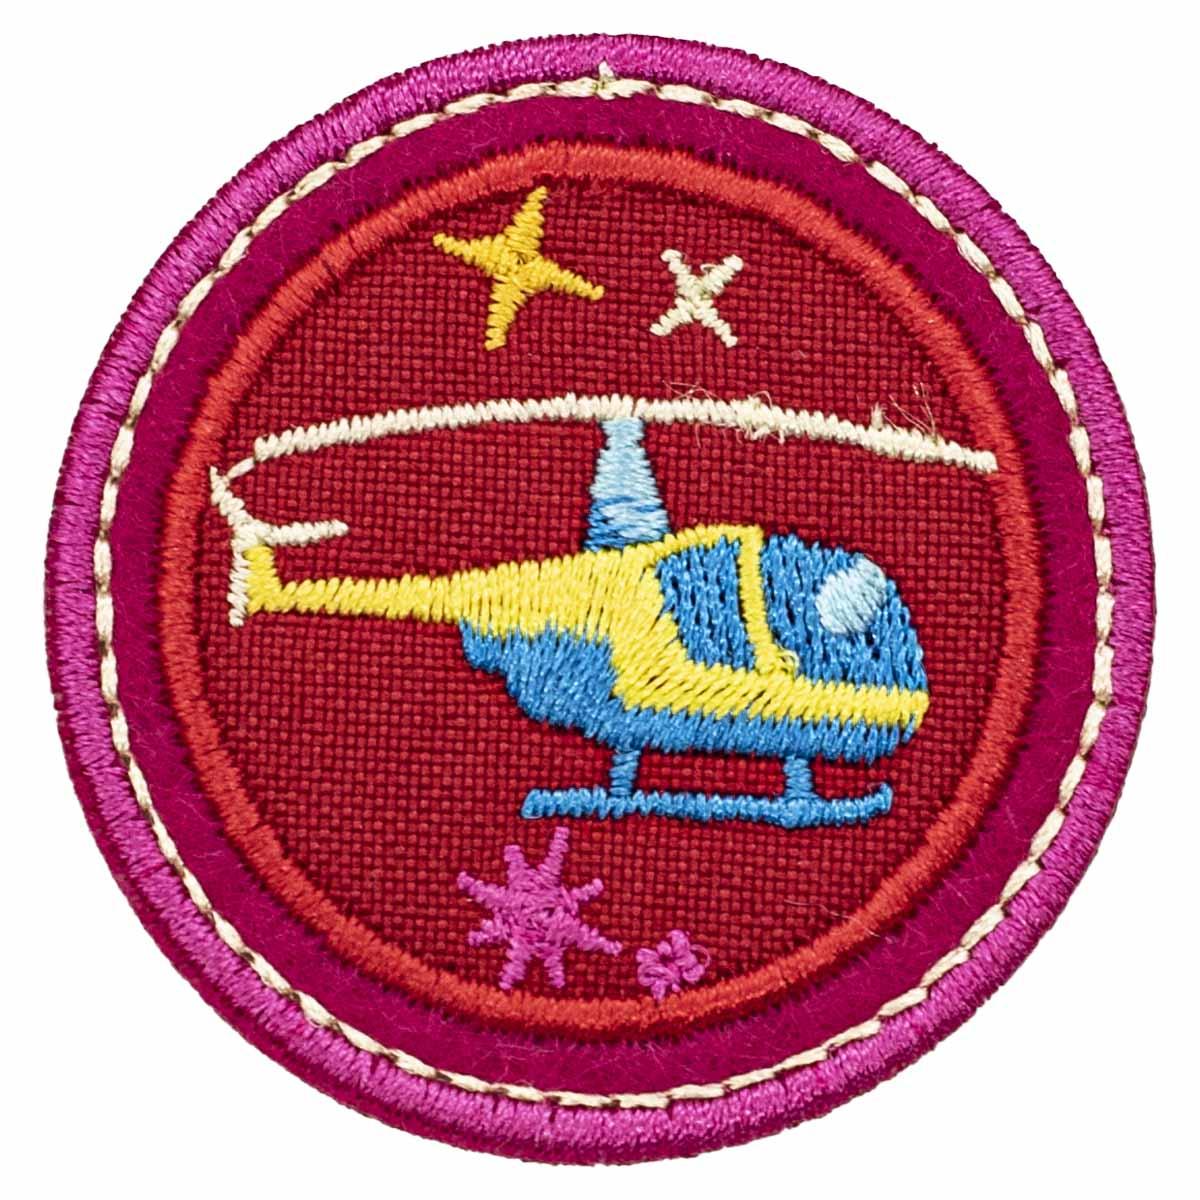 Термоаппликация 'Вертолет на красном фоне', 4.7*4.7см